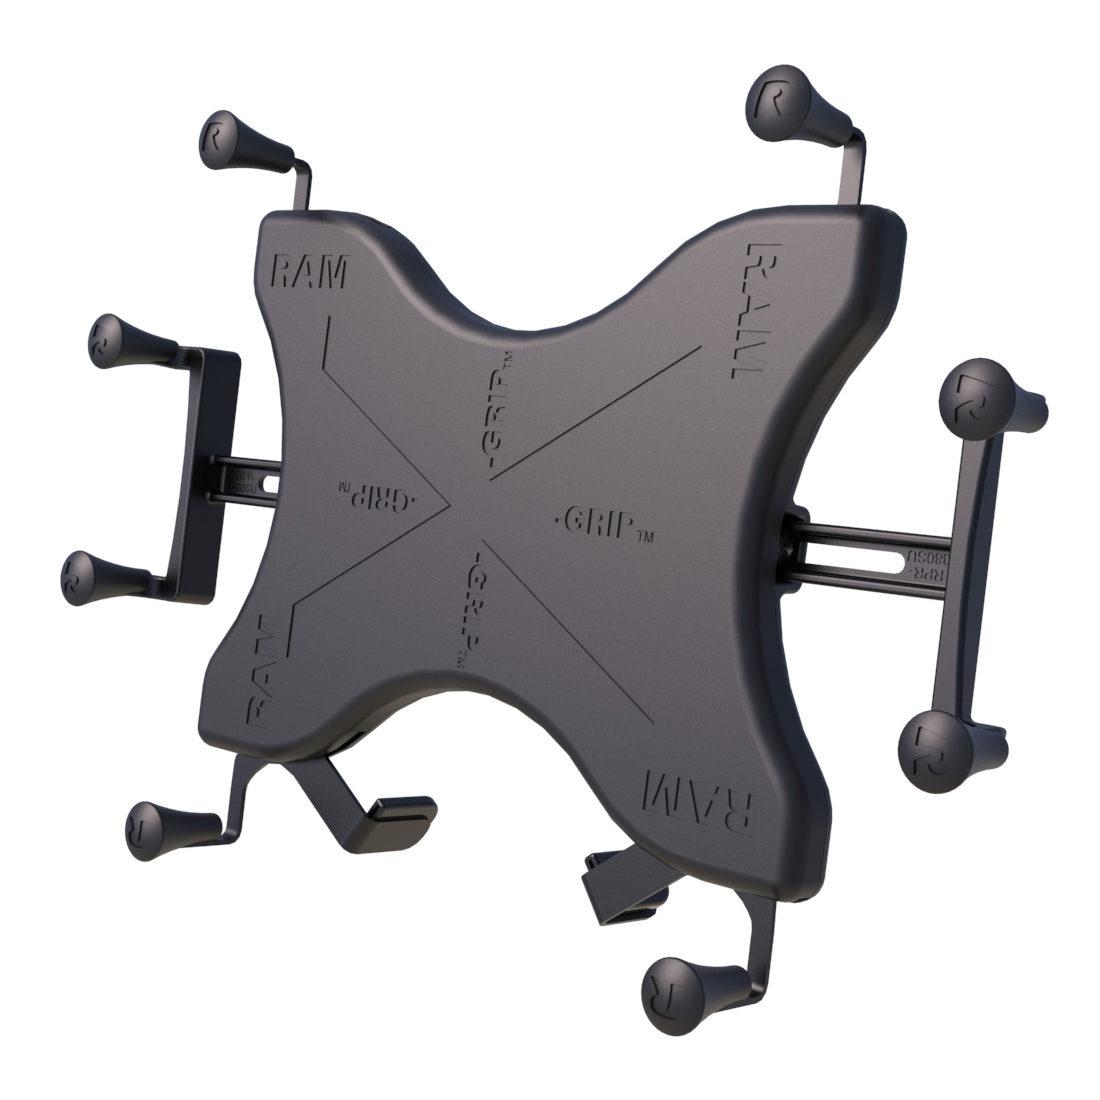 RAM Mounts RAM-HOL-UN11U Universal X-Grip Cradle voor 12 tablets